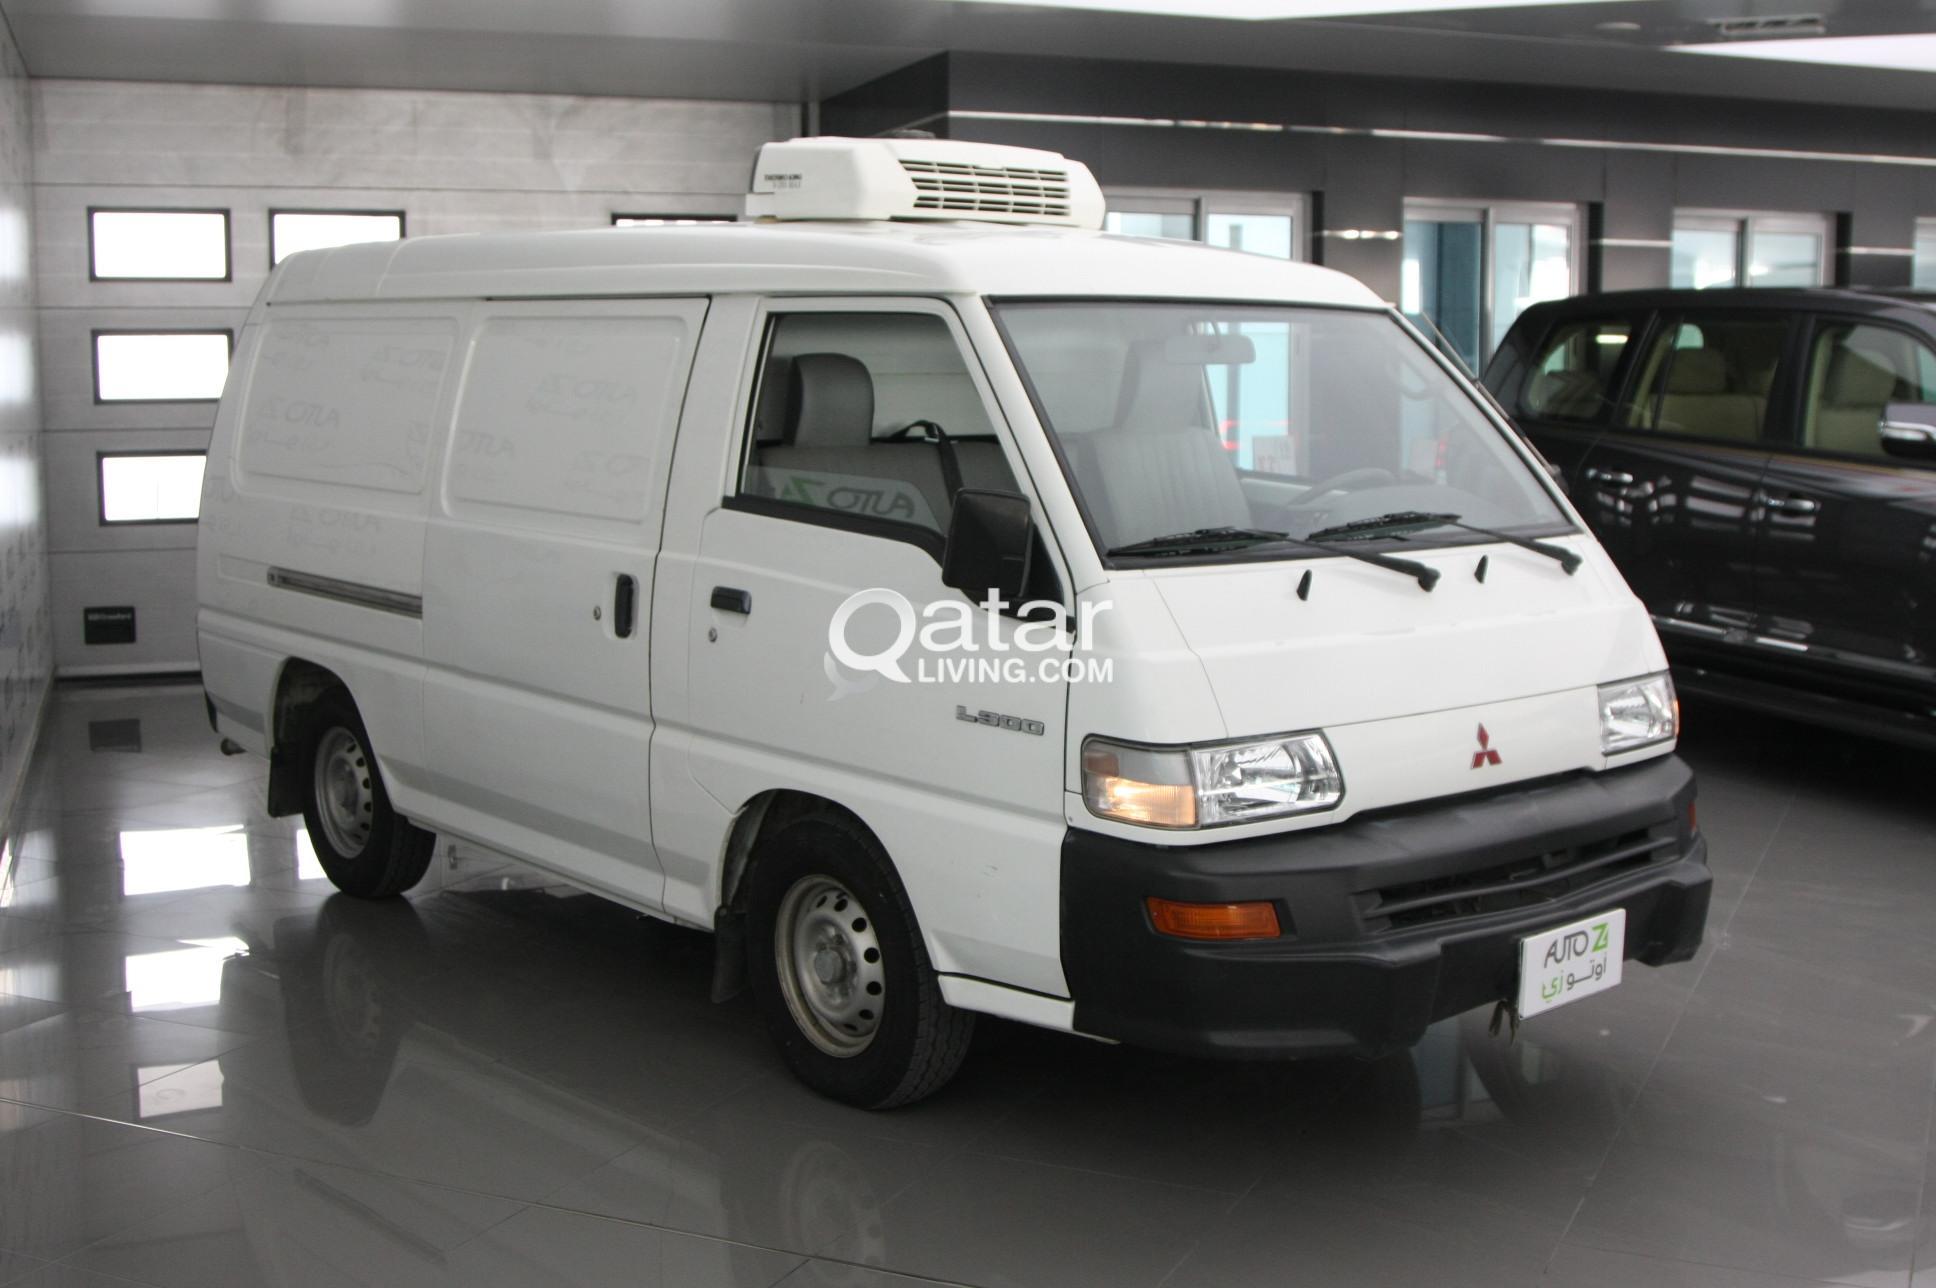 Mitsubishi L300 2013 Qatar Living Grill Bumper Mistubishi New Title